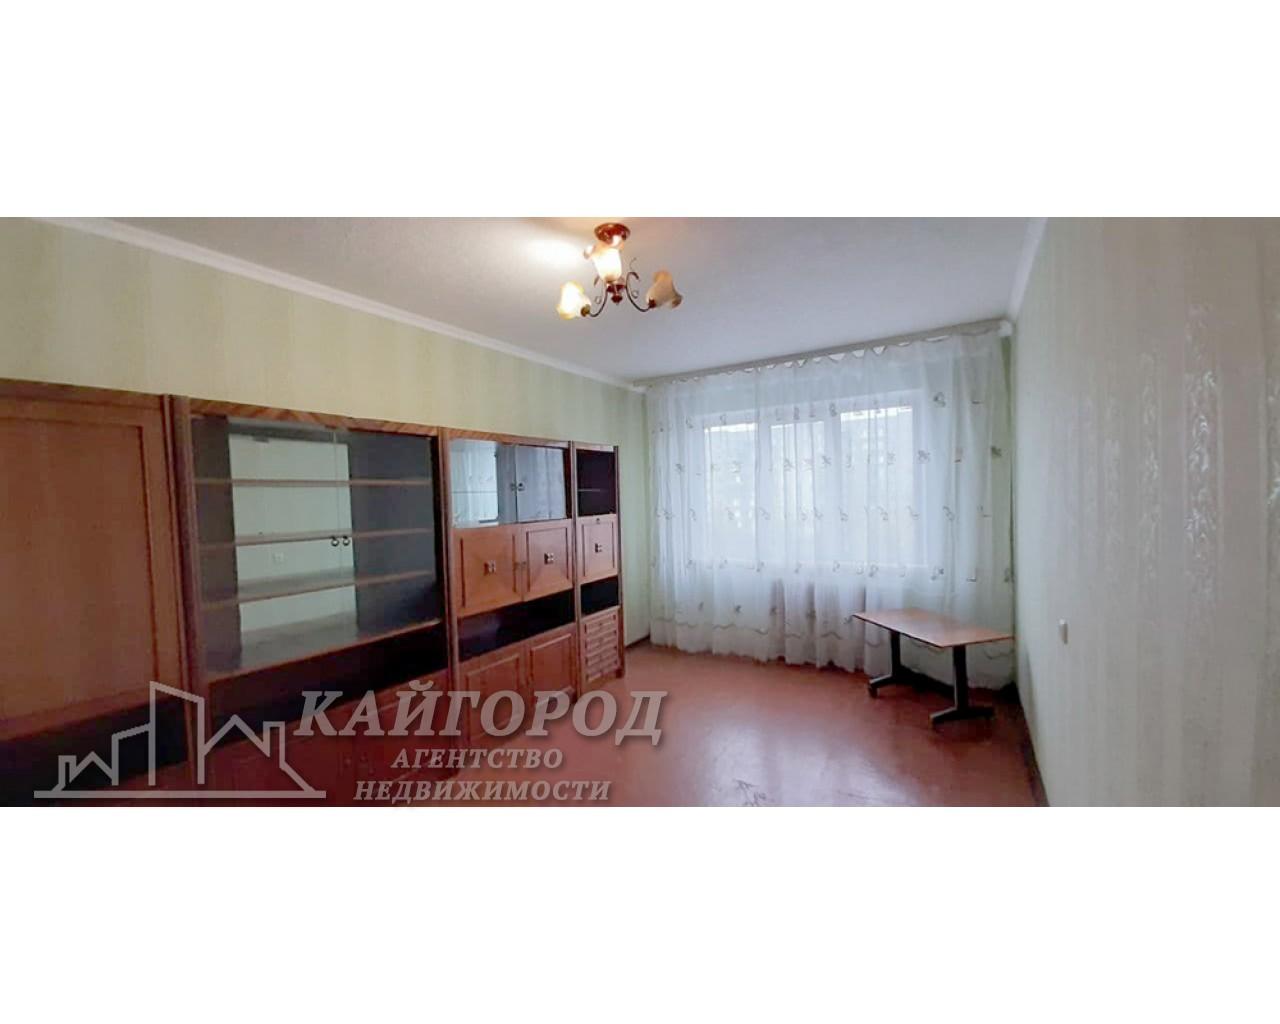 Продам 3 комнатную квартиру в хорошем доме, в центре массива Леваневский